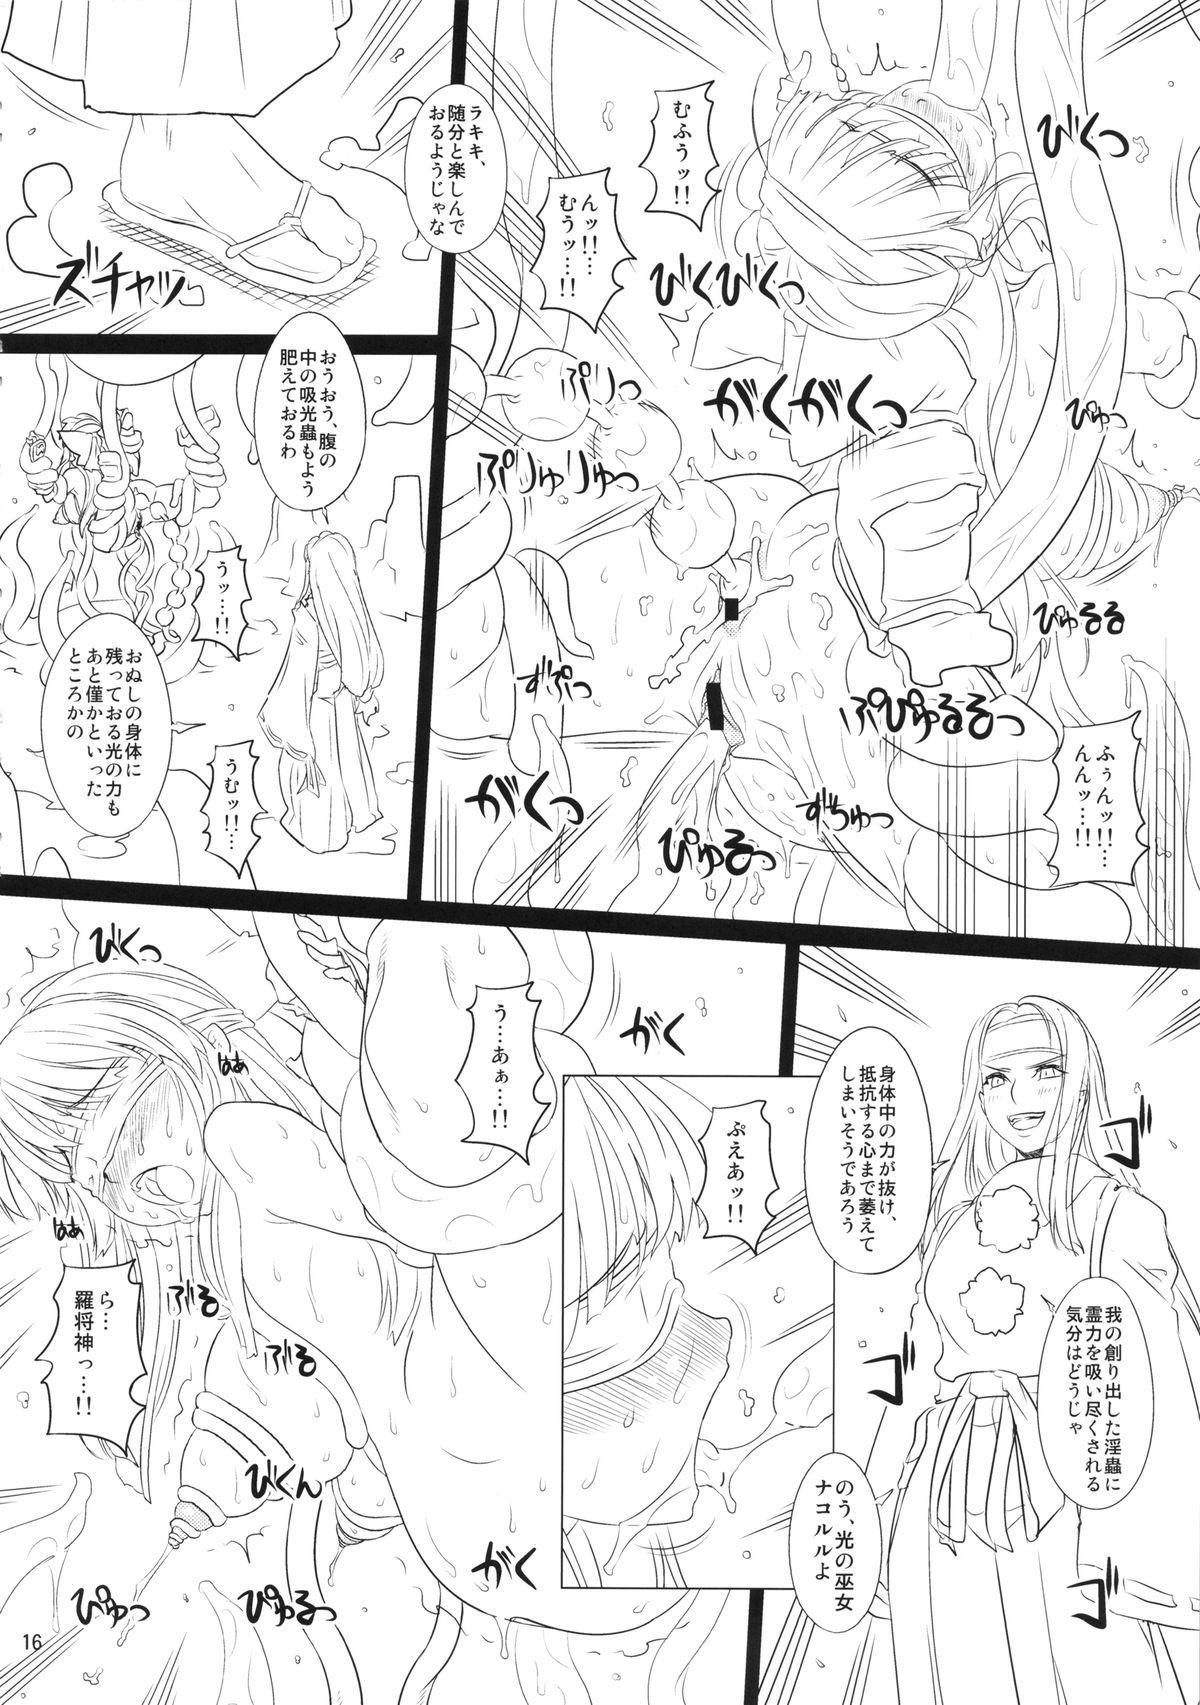 Kokuin no Miko 14